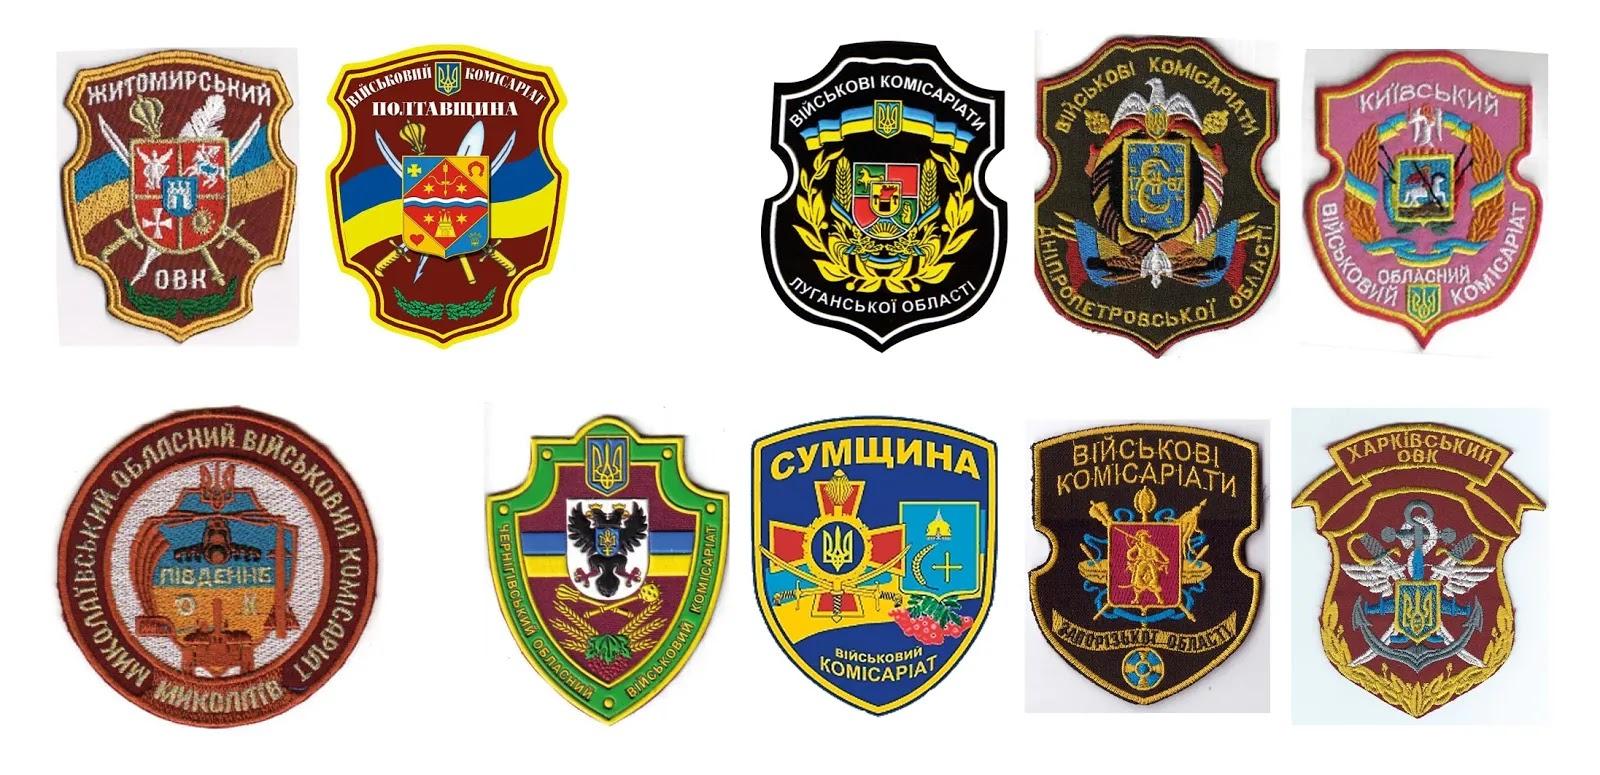 Герб і прапор області як основа для символіки  реформованих військових комісаріатів